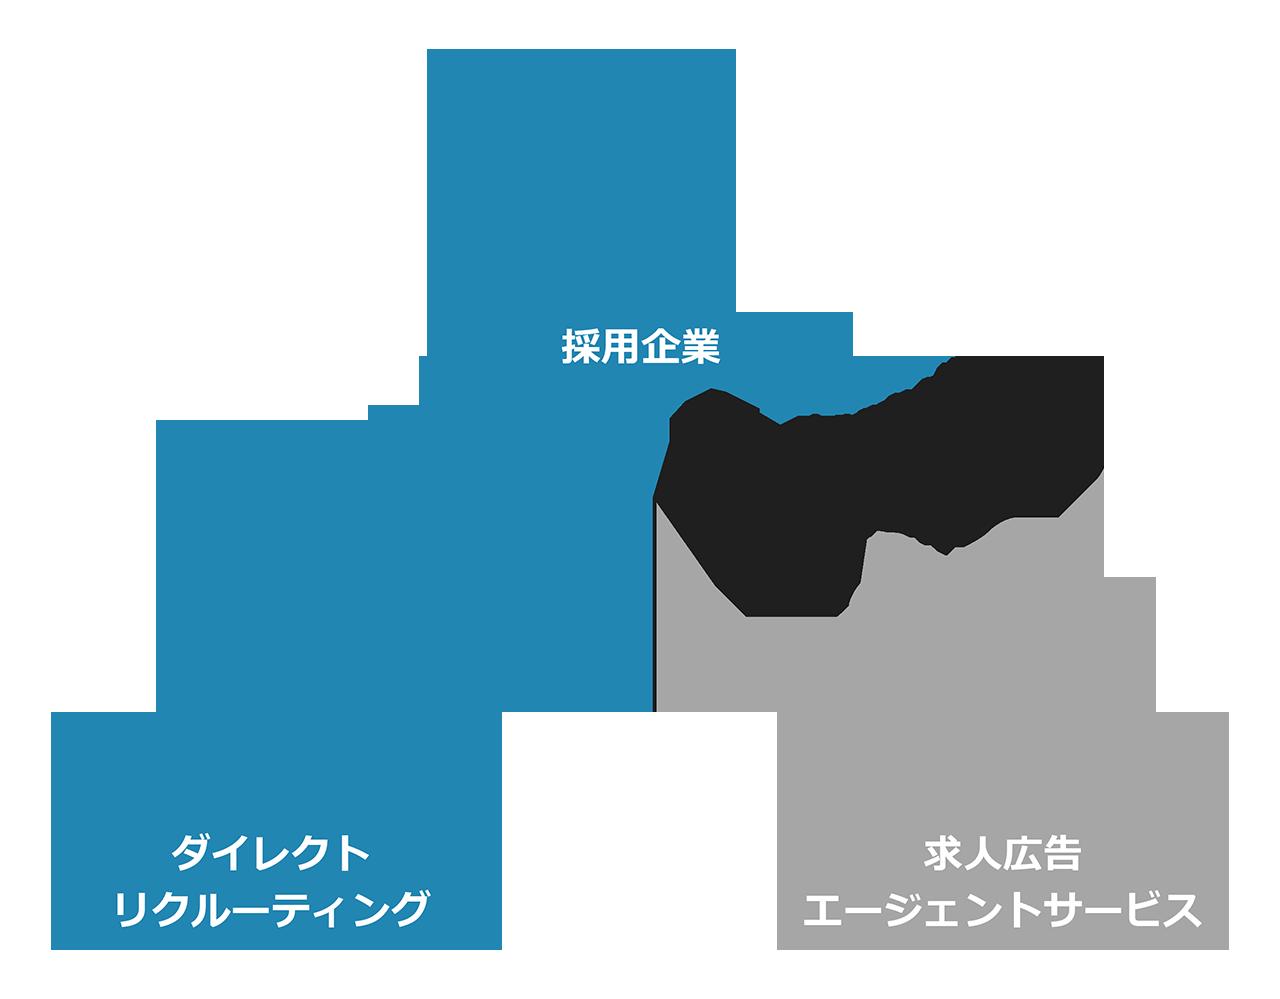 ダイレクトリクルーティング~人材獲得戦争における攻めの採用~